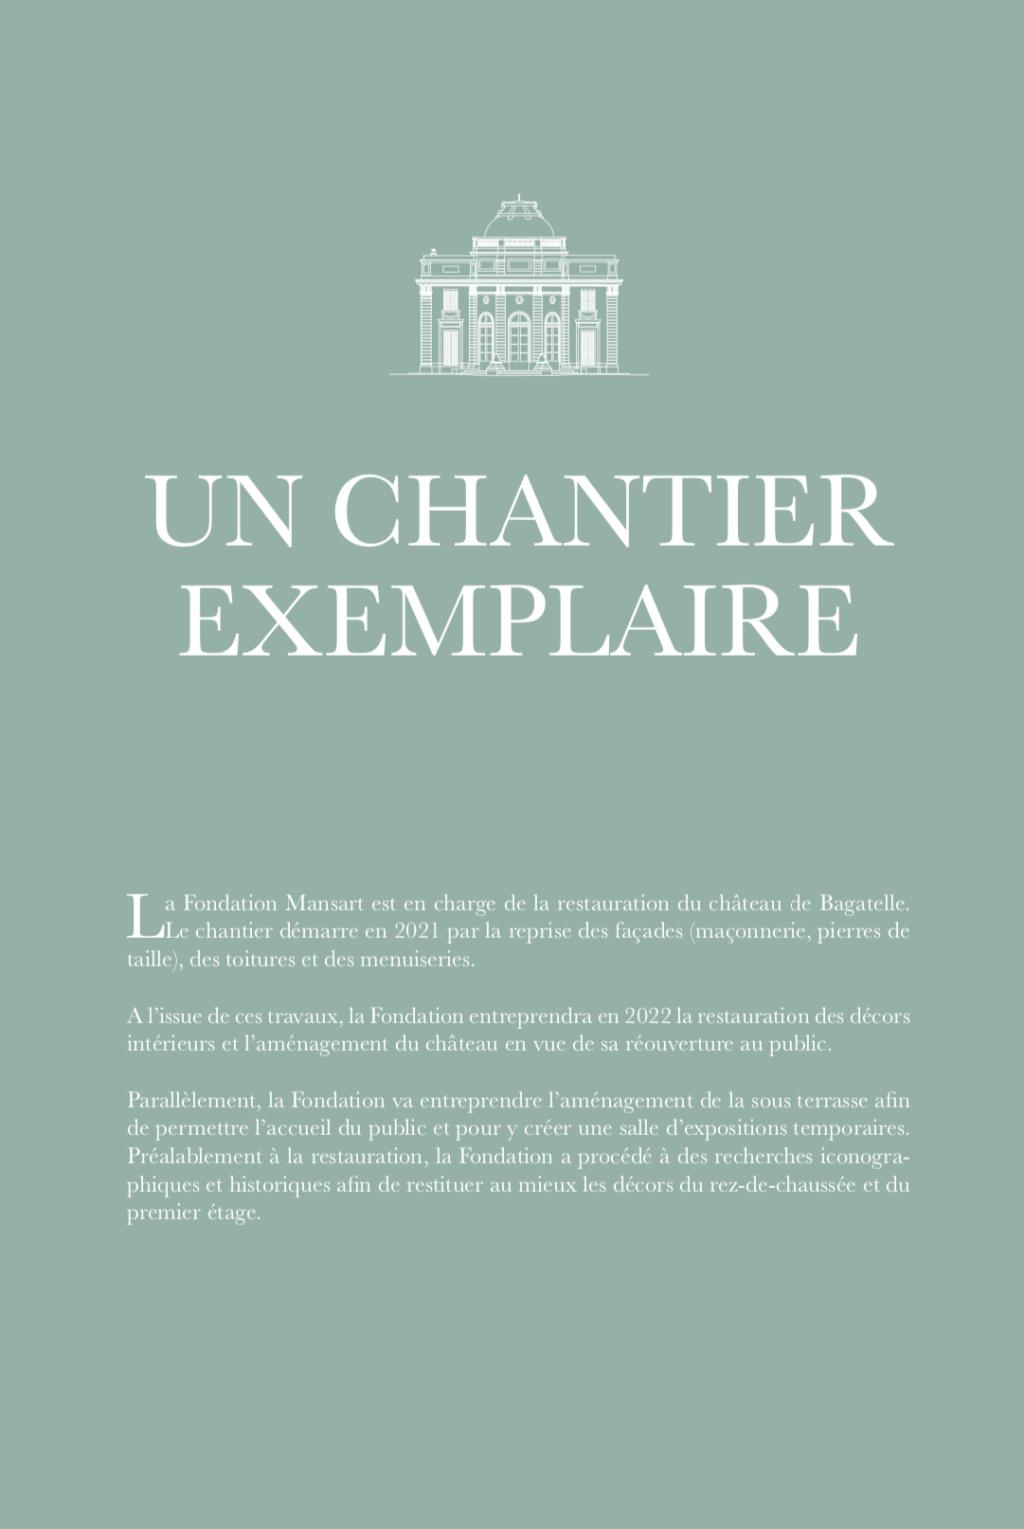 """Le château de Bagatelle : la """" folie """" du comte d'Artois - Page 3 Capt2797"""